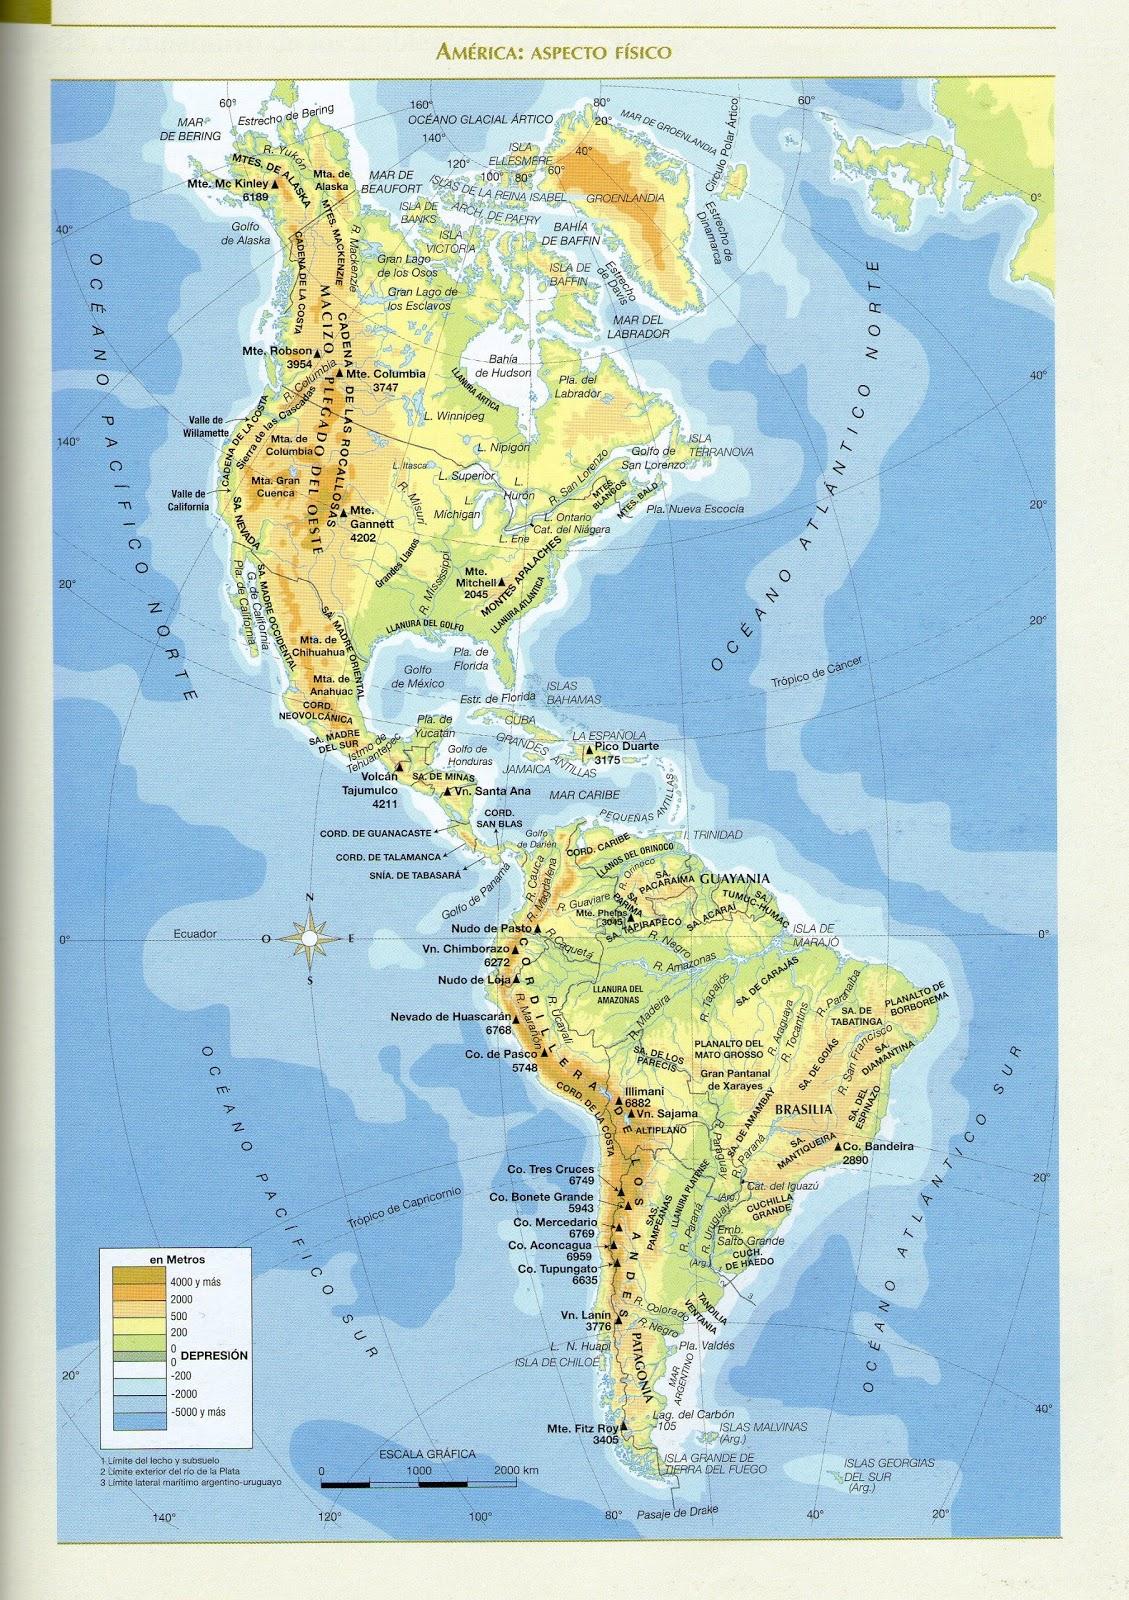 Mapa con la hidrografia de america